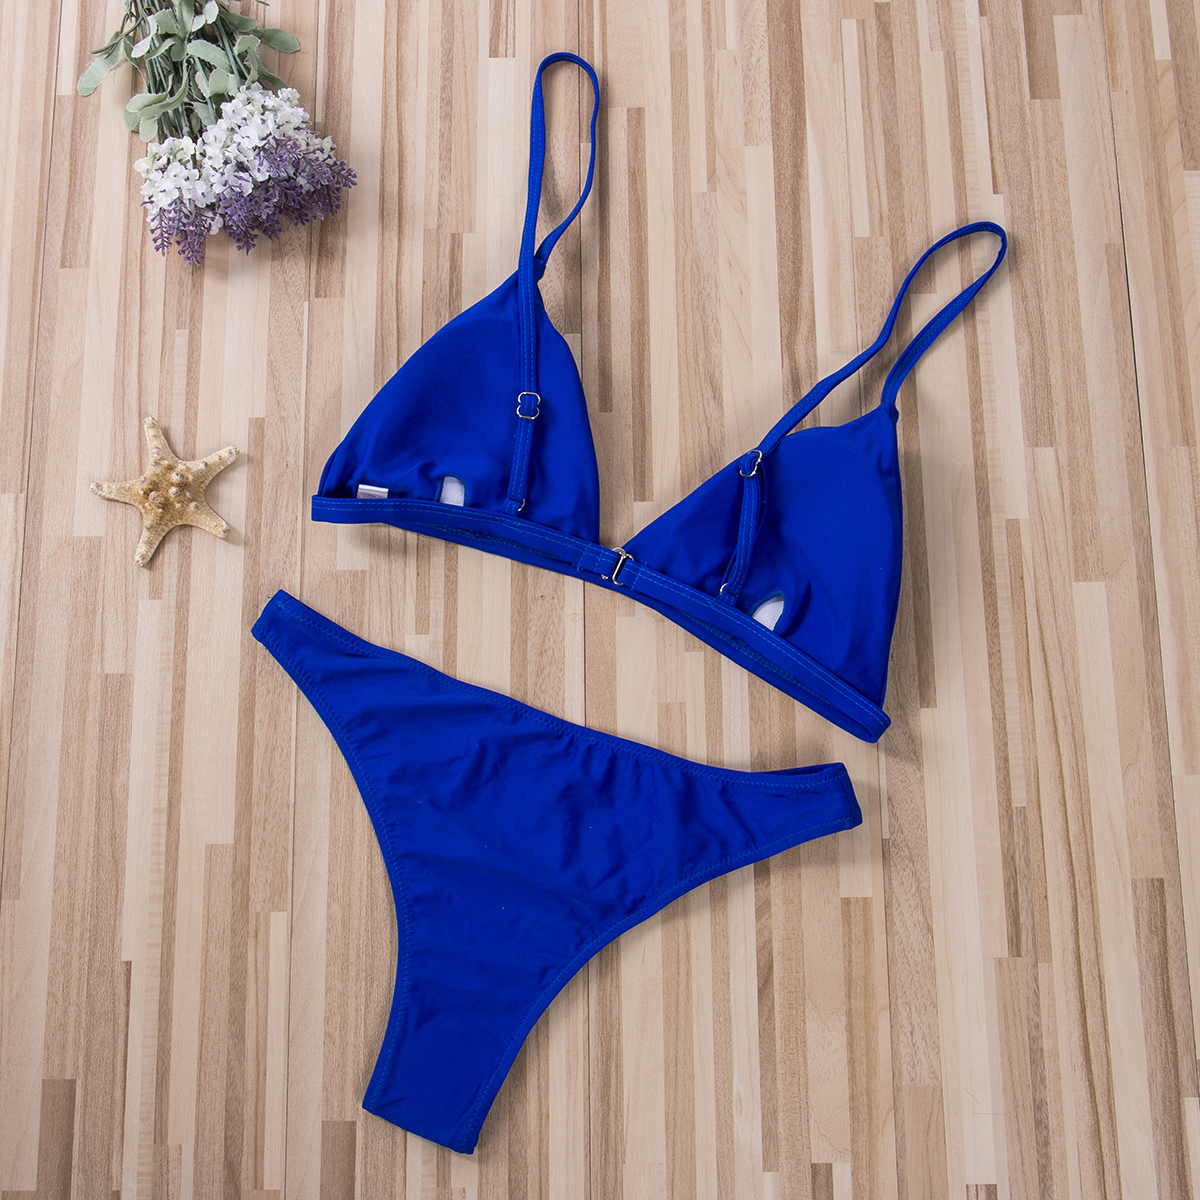 Hirigin, комплект бикини, новинка 2019, женский купальник, чистый цвет, пуш-ап, мягкий купальник, бикини, женский купальник, летняя пляжная одежда 30